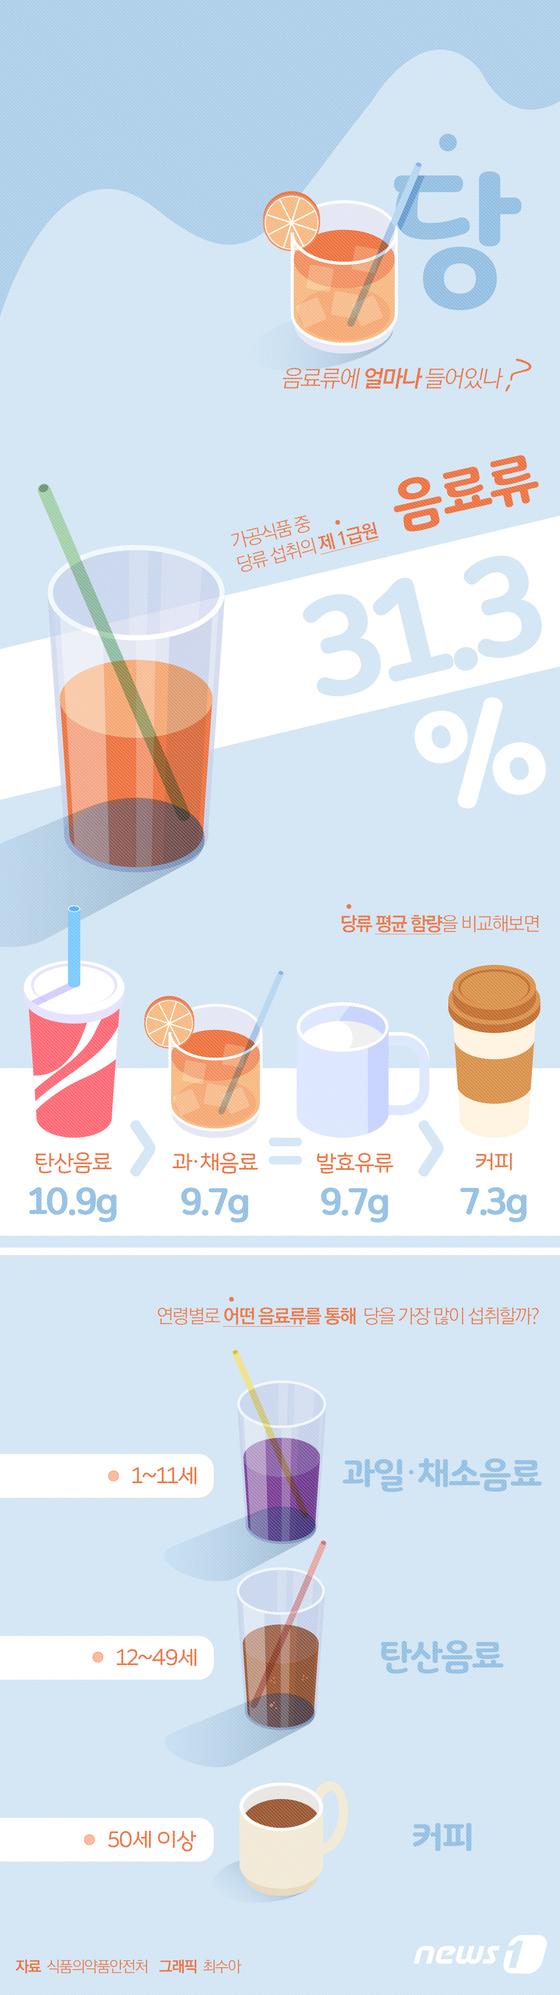 [그래픽뉴스] 당(糖), 음료류에 얼마나 들어있나?